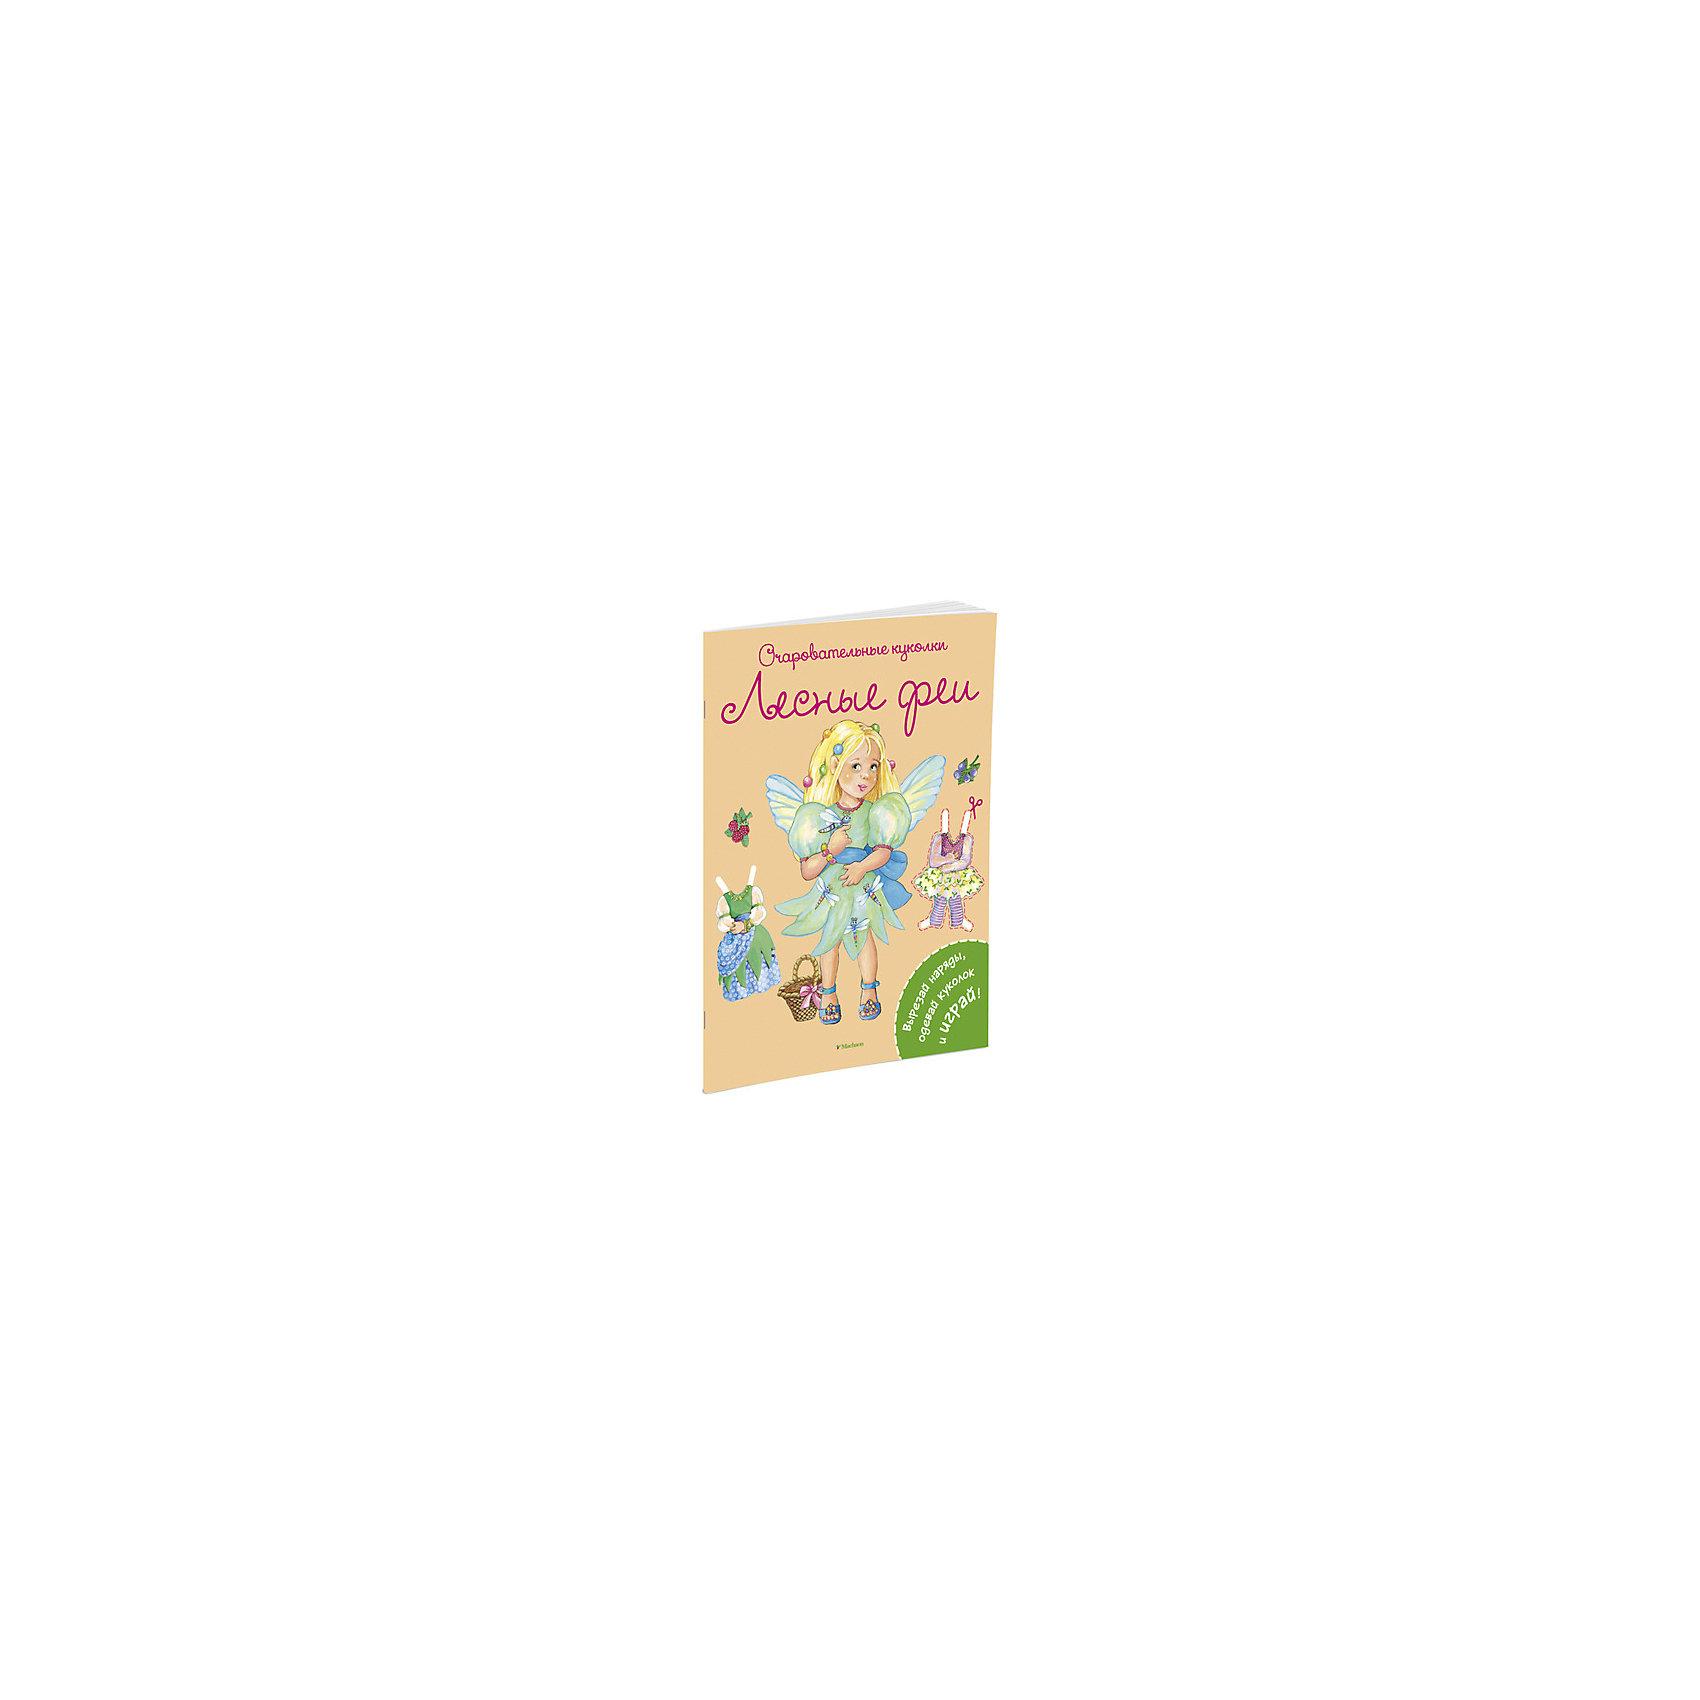 Лесные феи, MACHAONМахаон<br>Книжка Лесные феи.<br><br>Характеристики:<br><br>• Для детей в возрасте: от 3 до 6 лет<br>• Автор иллюстраций: Коссманн Ренатэ<br>• Переводчик: Сенникова В.<br>• Издательство: Махаон, 2016 год<br>• Серия: Очаровательные куколки<br>• Тип обложки: мягкая<br>• Иллюстрации: цветные<br>• Количество страниц: 16<br>• Размер: 285x210x2 мм.<br>• Вес: 154 гр.<br>• ISBN: 9785389093195<br><br>Подбери феечкам красивую одежду и крылья, чтобы они могли летать по сказочному лесу и играть друг с другом! Вырежи фигурки фей, а также их наряды и придумай для каждой куколки свой образ. С этой книжкой ваш ребёнок не просто интересно проведёт время, но и разовьёт мелкую моторику, художественный вкус и воображение.<br><br>Книжку Лесные феи можно купить в нашем интернет-магазине.<br><br>Ширина мм: 285<br>Глубина мм: 210<br>Высота мм: 20<br>Вес г: 154<br>Возраст от месяцев: 36<br>Возраст до месяцев: 72<br>Пол: Женский<br>Возраст: Детский<br>SKU: 5493483